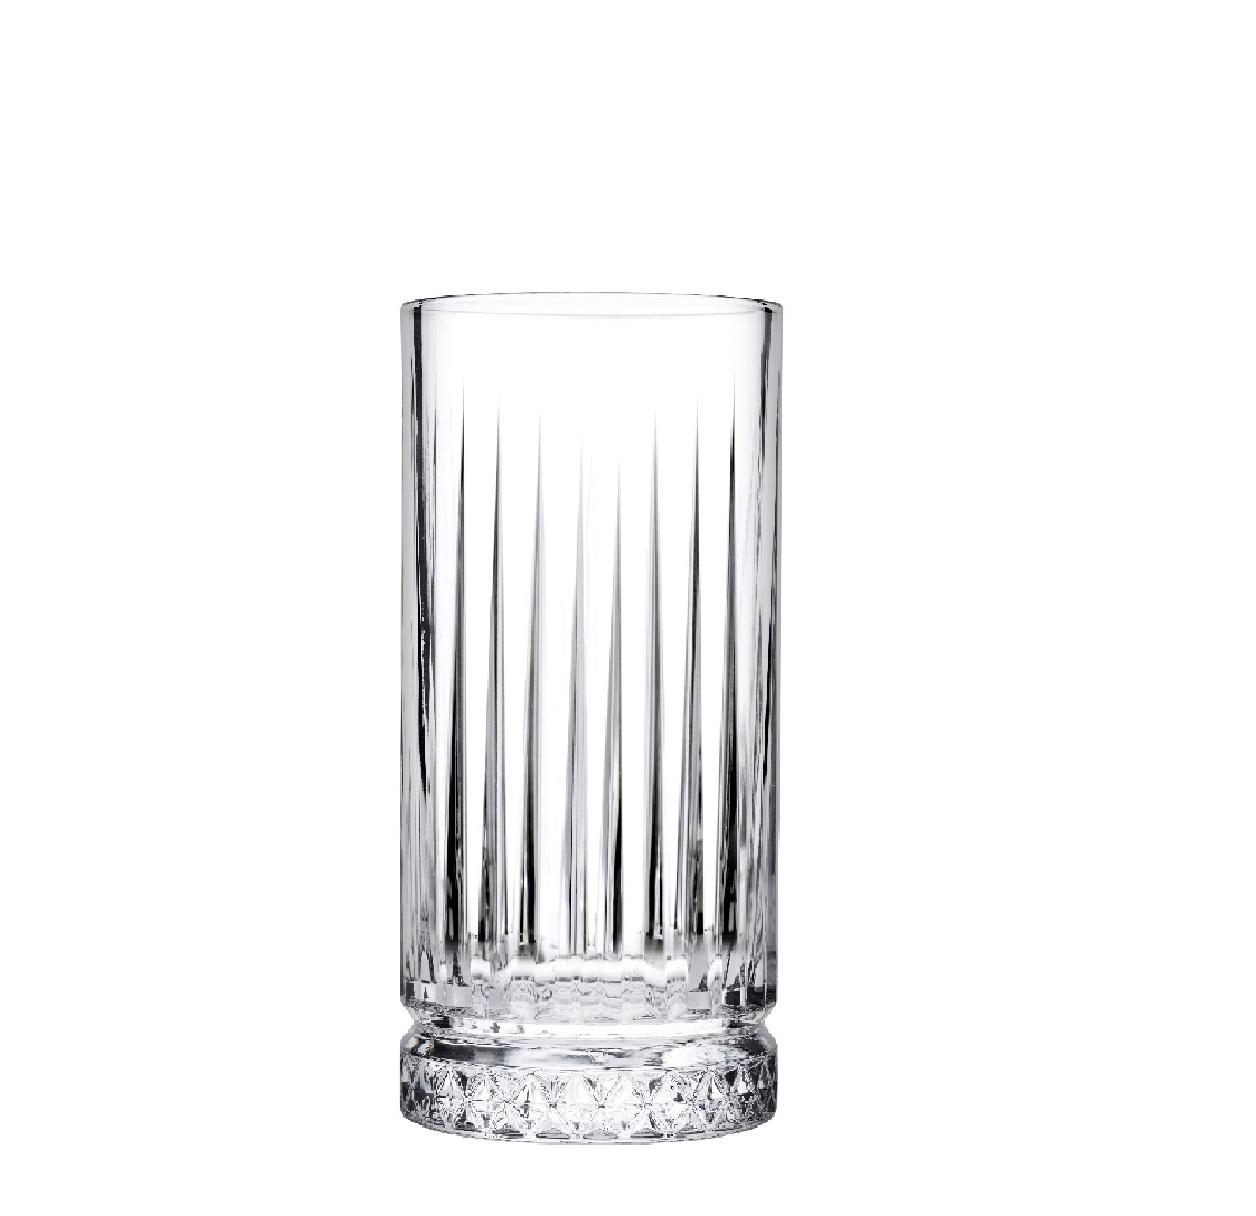 Ποτήρι Elysia ESPIEL 280ml SP520125K12 – ESPIEL – SP520125K12